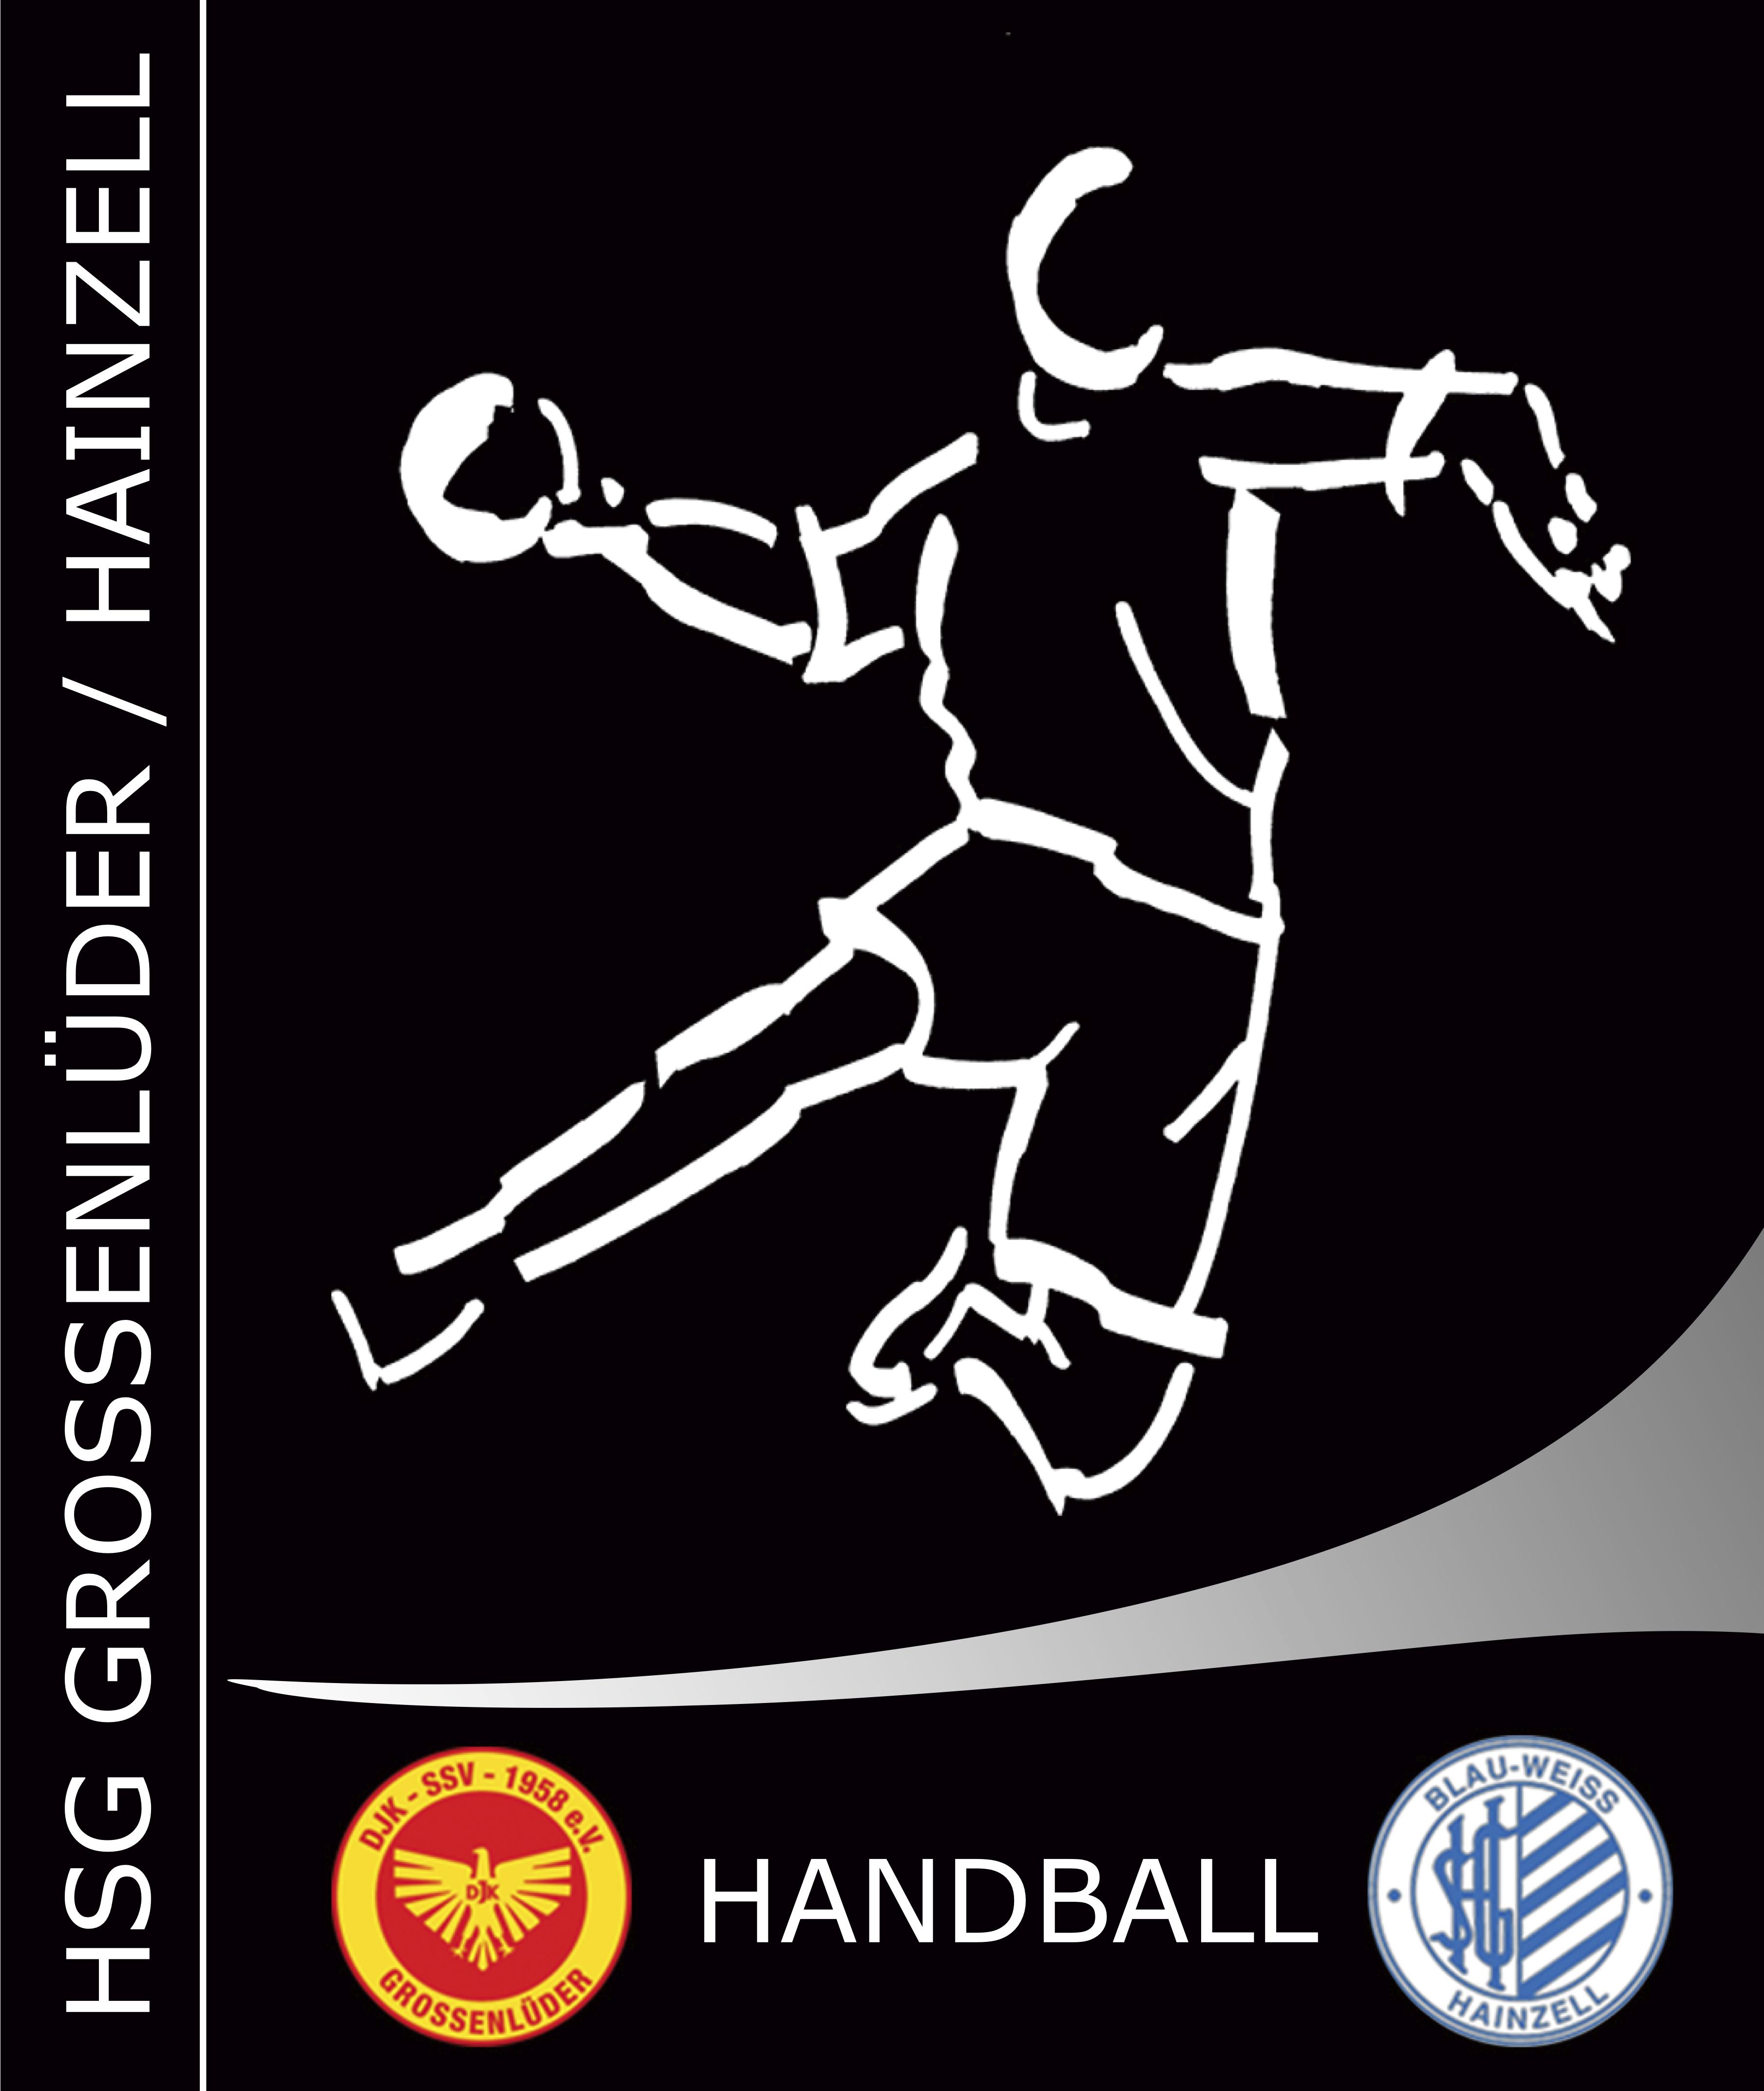 HSG Großenlüder/Hainzell